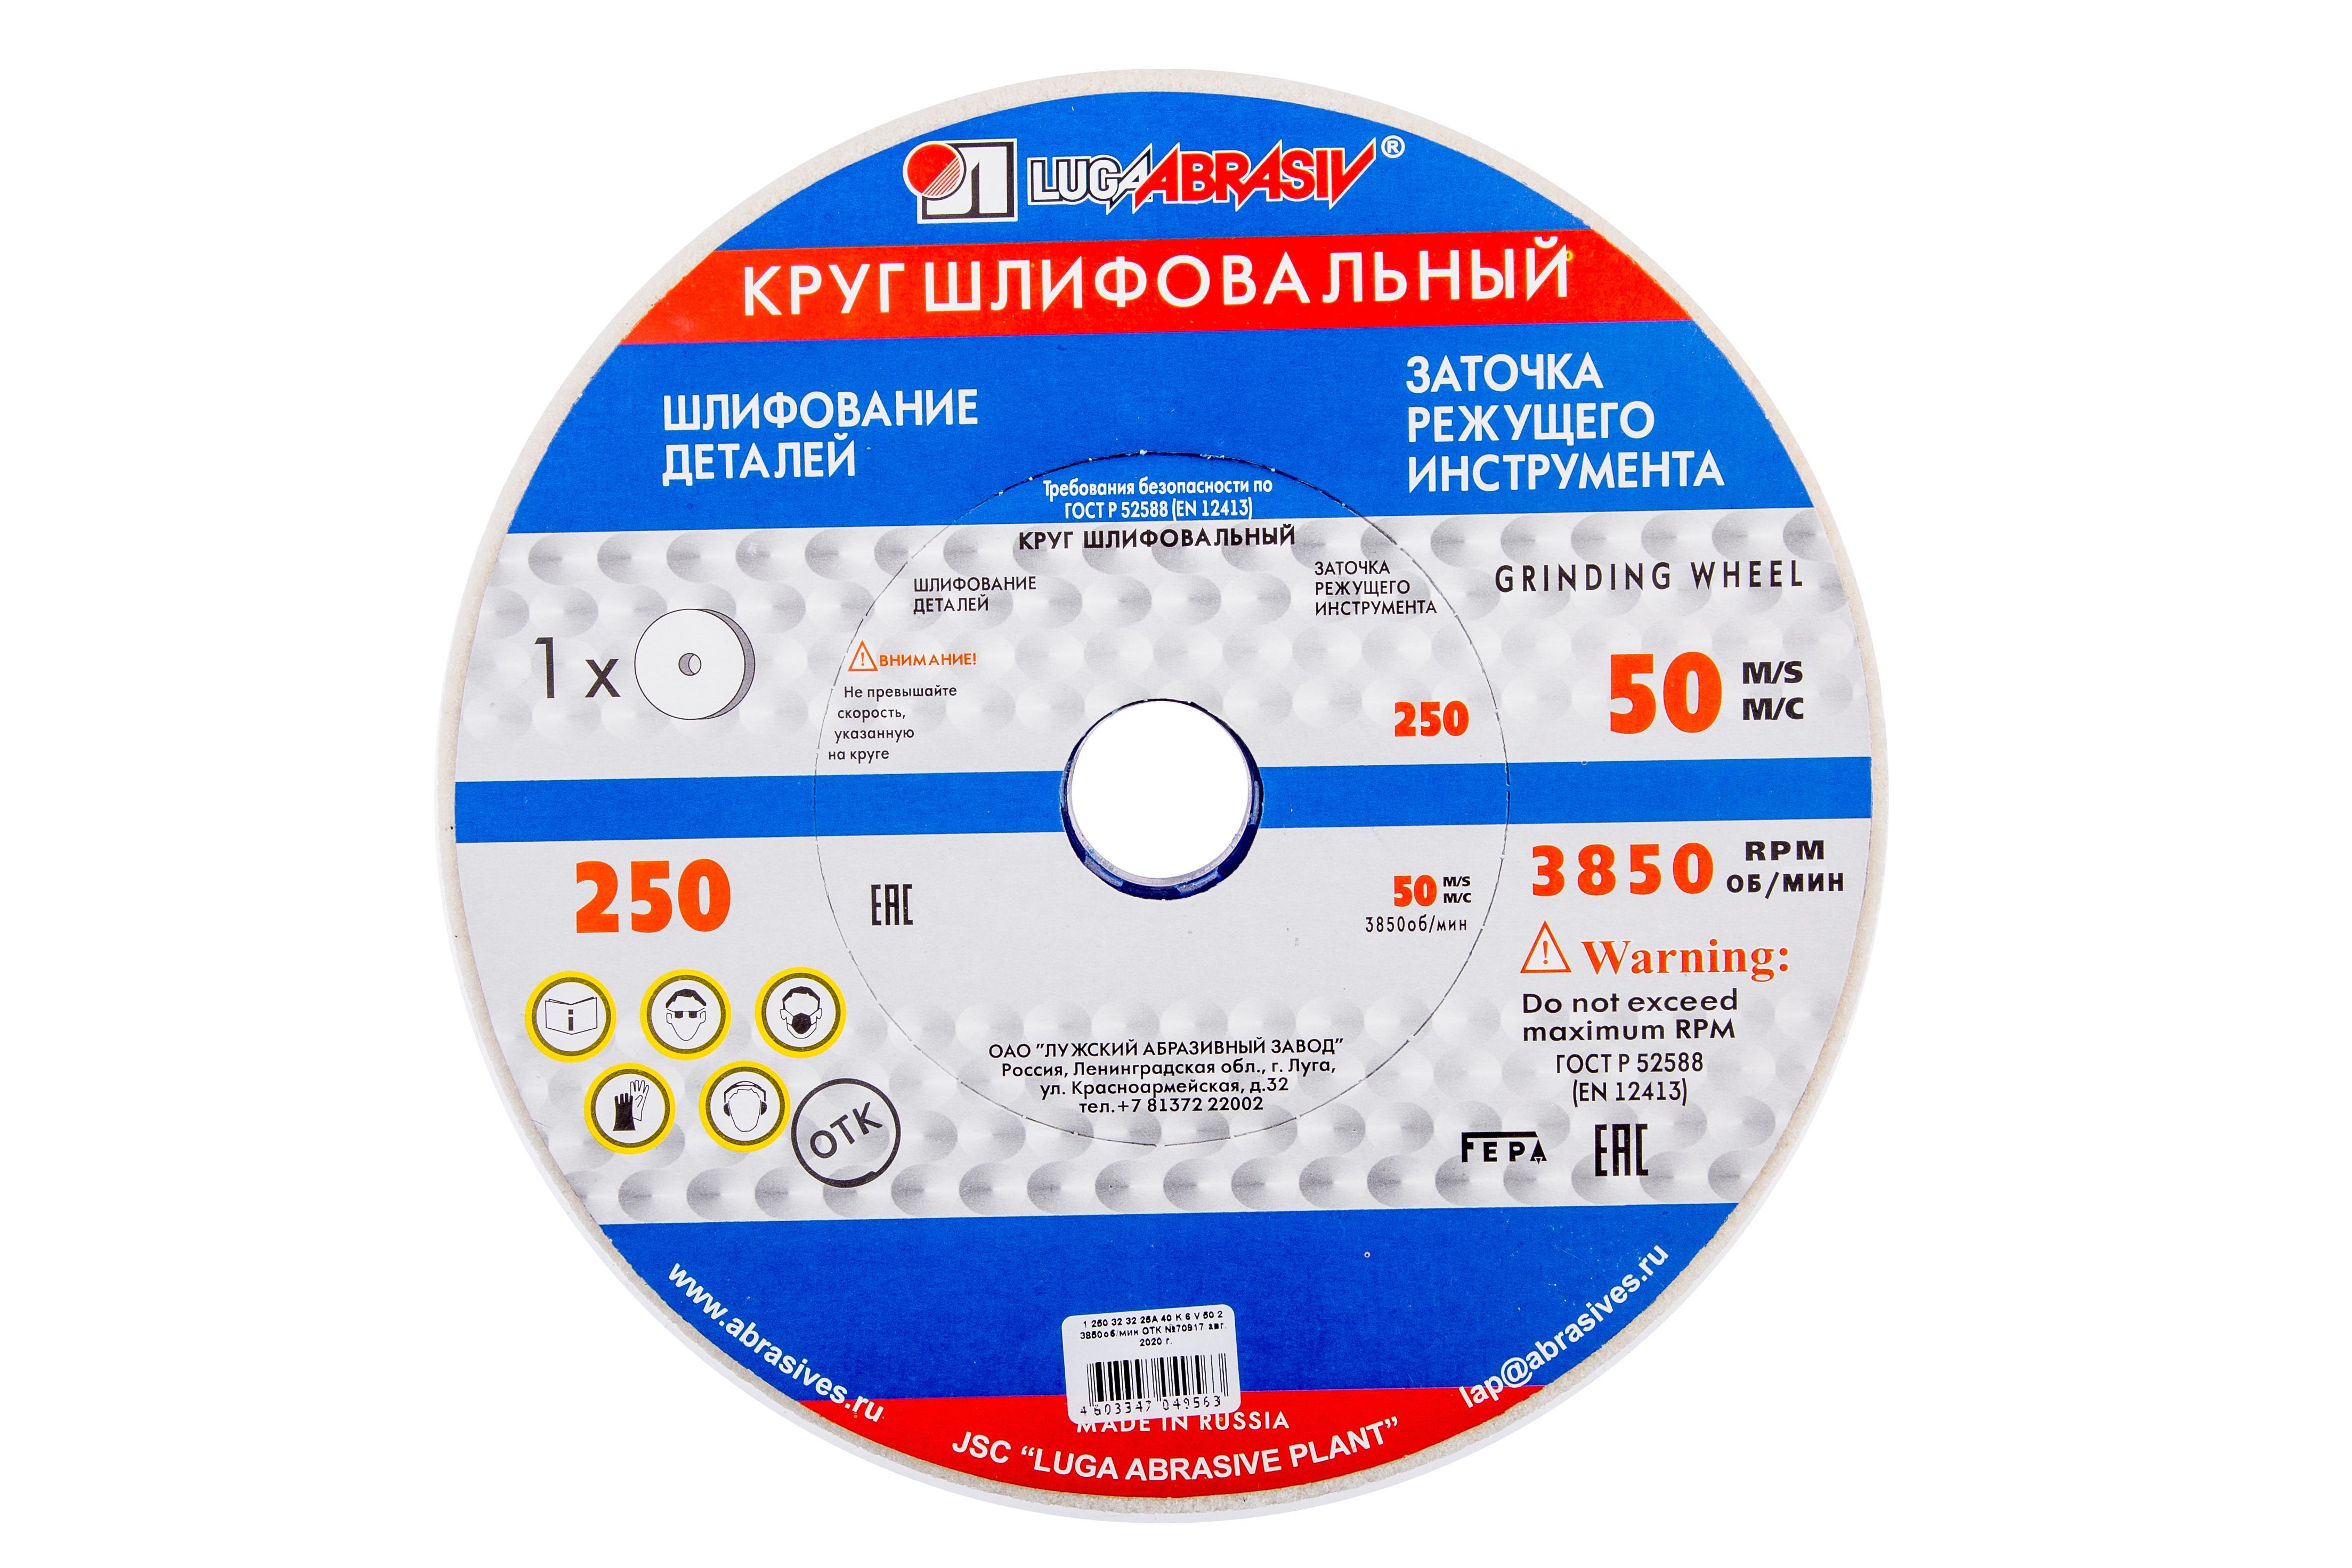 Круг шлифовальный ЛУГА-АБРАЗИВ 1 250 Х 32 Х 32 25А 40 k,l круг шлифовальный луга абразив 1 250 х 32 х 32 25а 40 k l